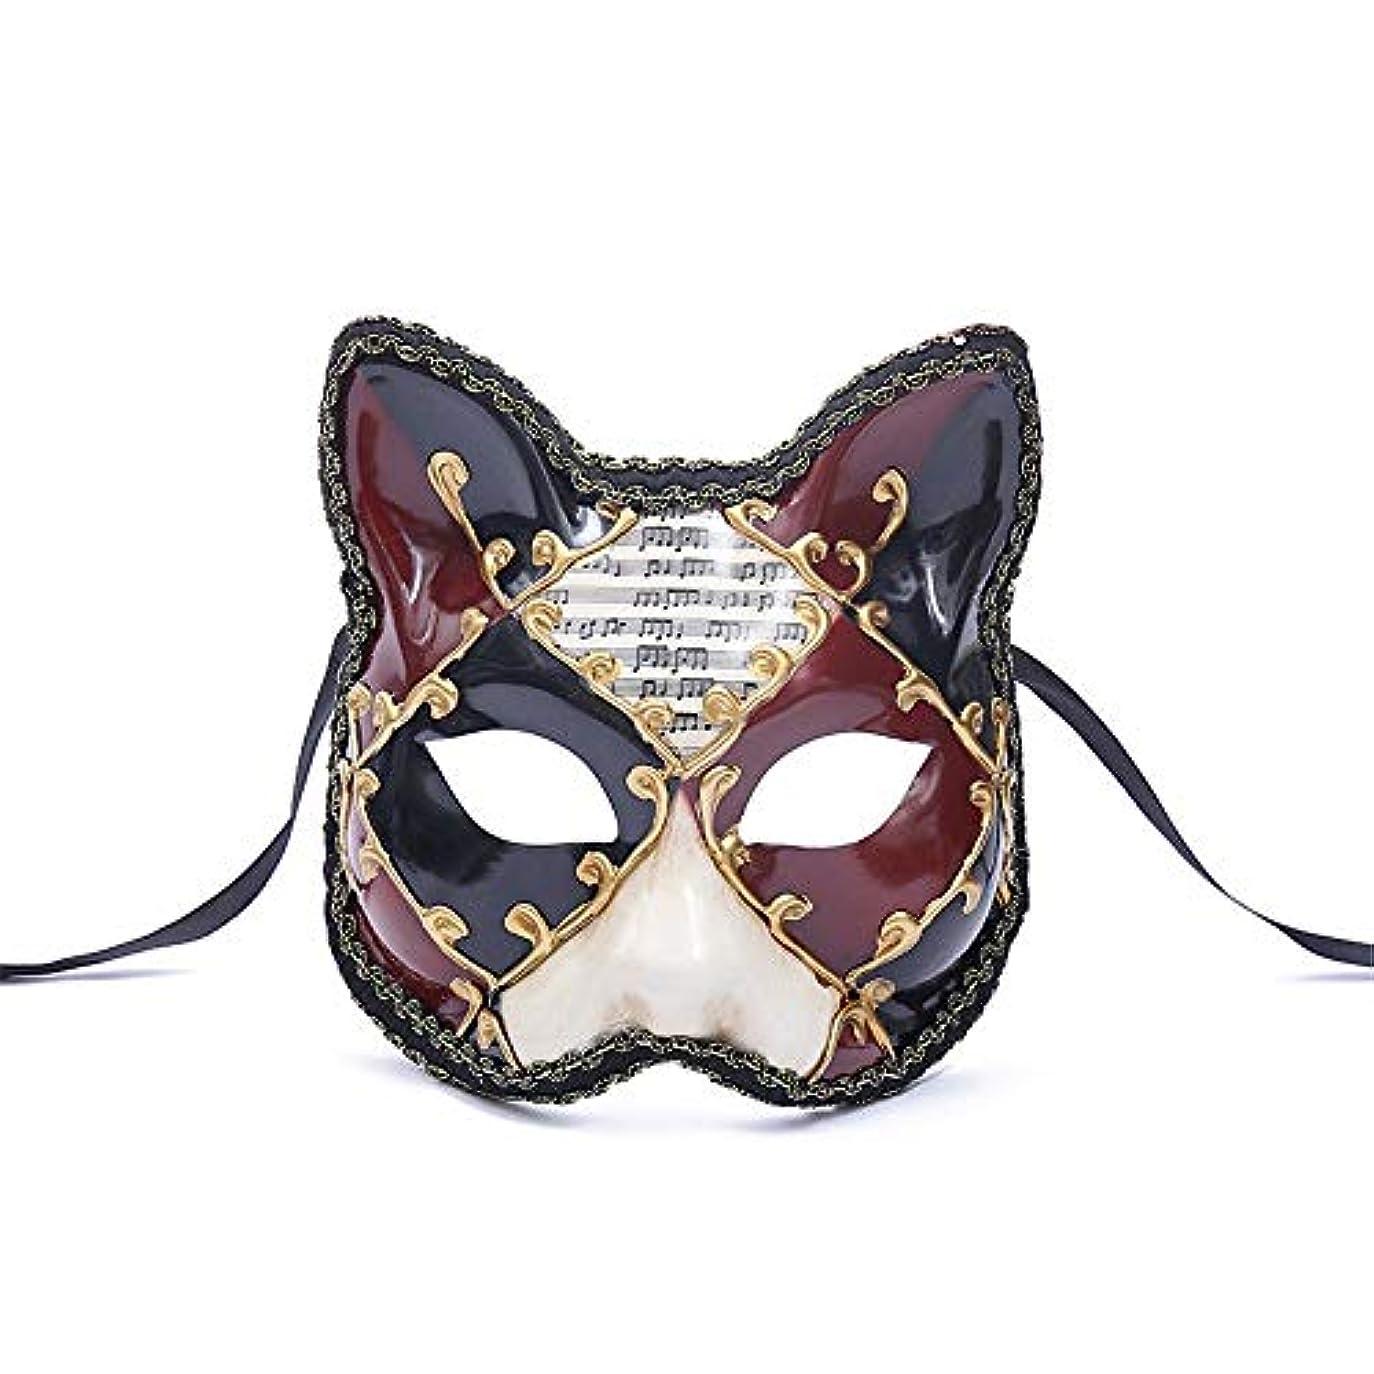 課税声を出して蜜ダンスマスク 大きな猫アンティーク動物レトロコスプレハロウィーン仮装マスクナイトクラブマスク雰囲気フェスティバルマスク ホリデーパーティー用品 (色 : 赤, サイズ : 17.5x16cm)